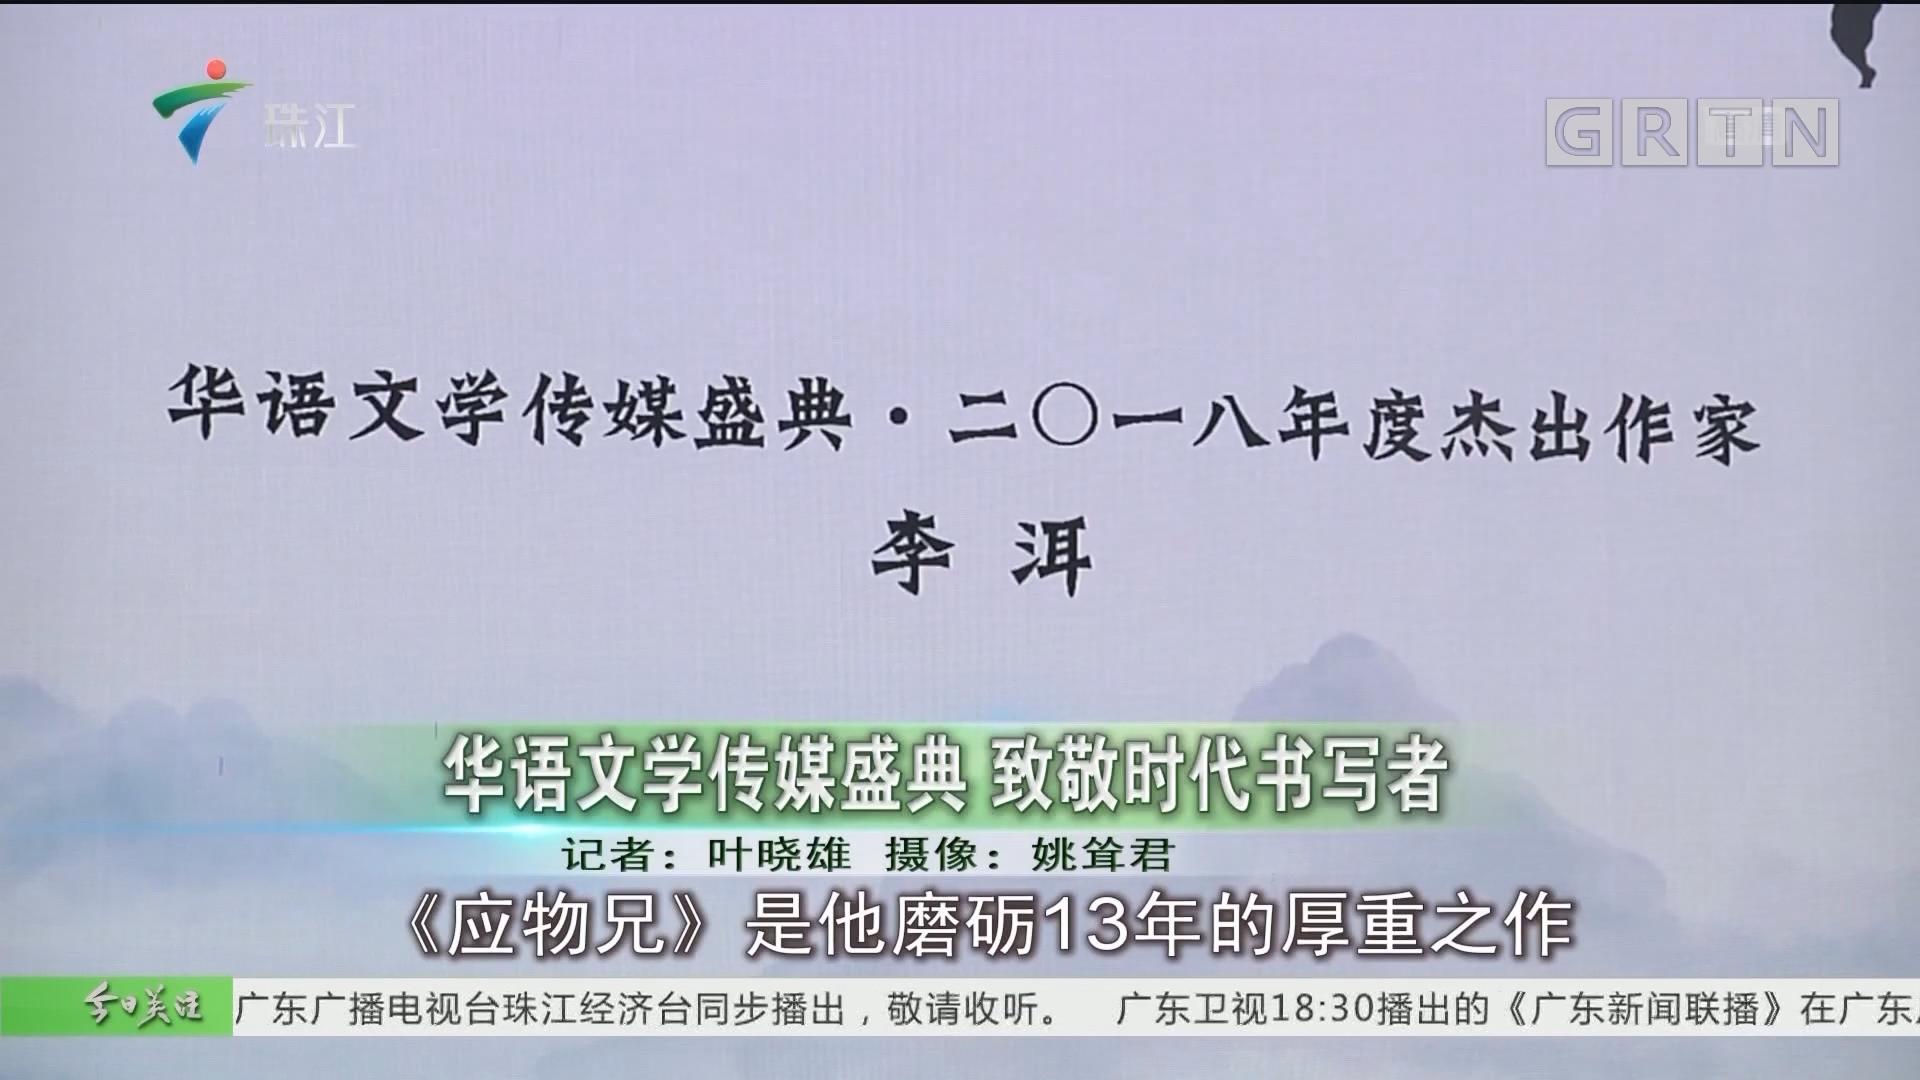 华语文学传媒盛典 致敬时代书写者